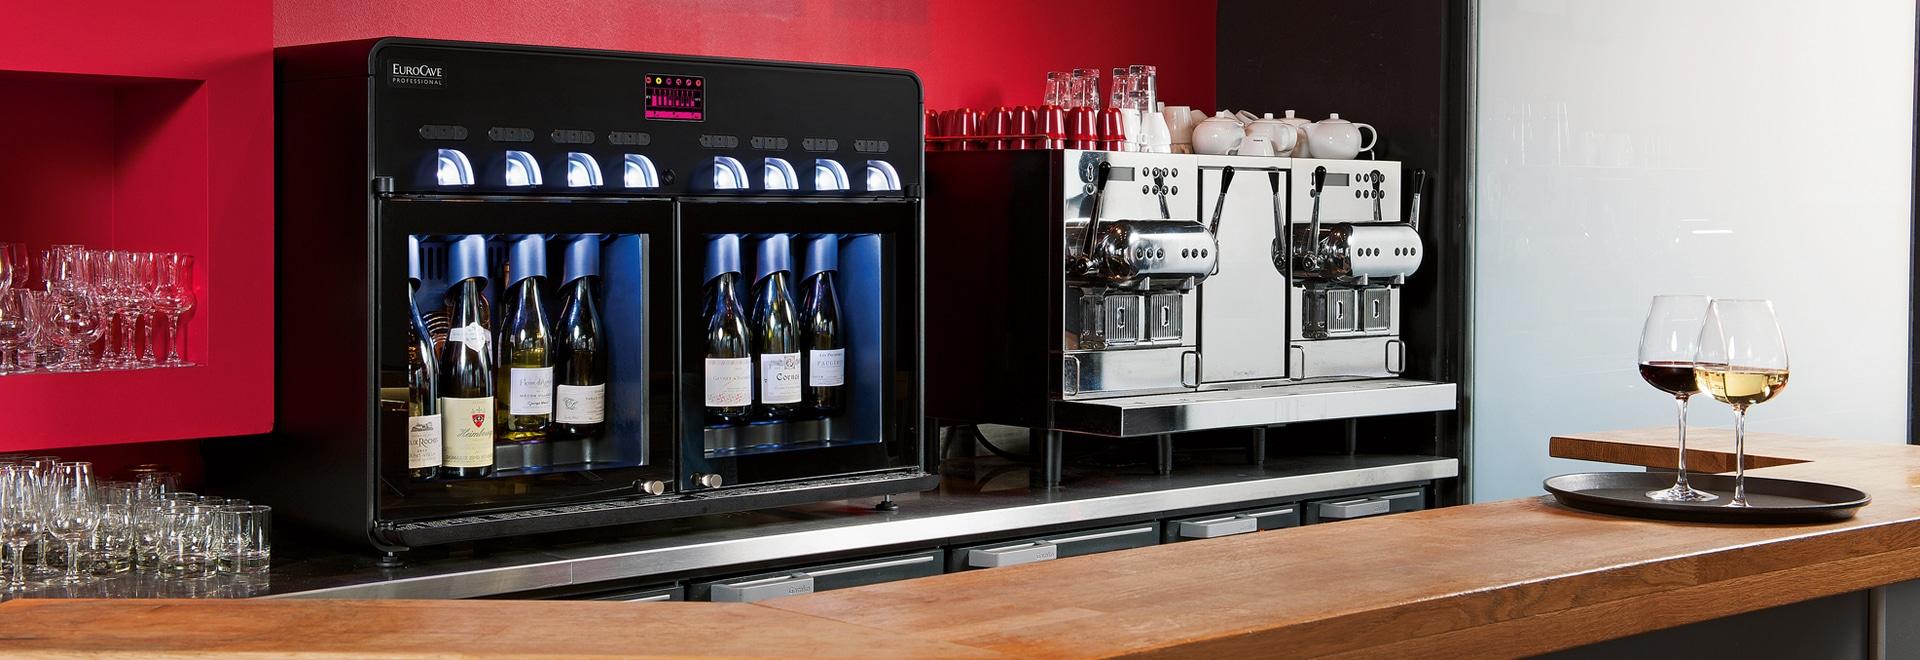 Nuovo erogatore del vino di EuroCave